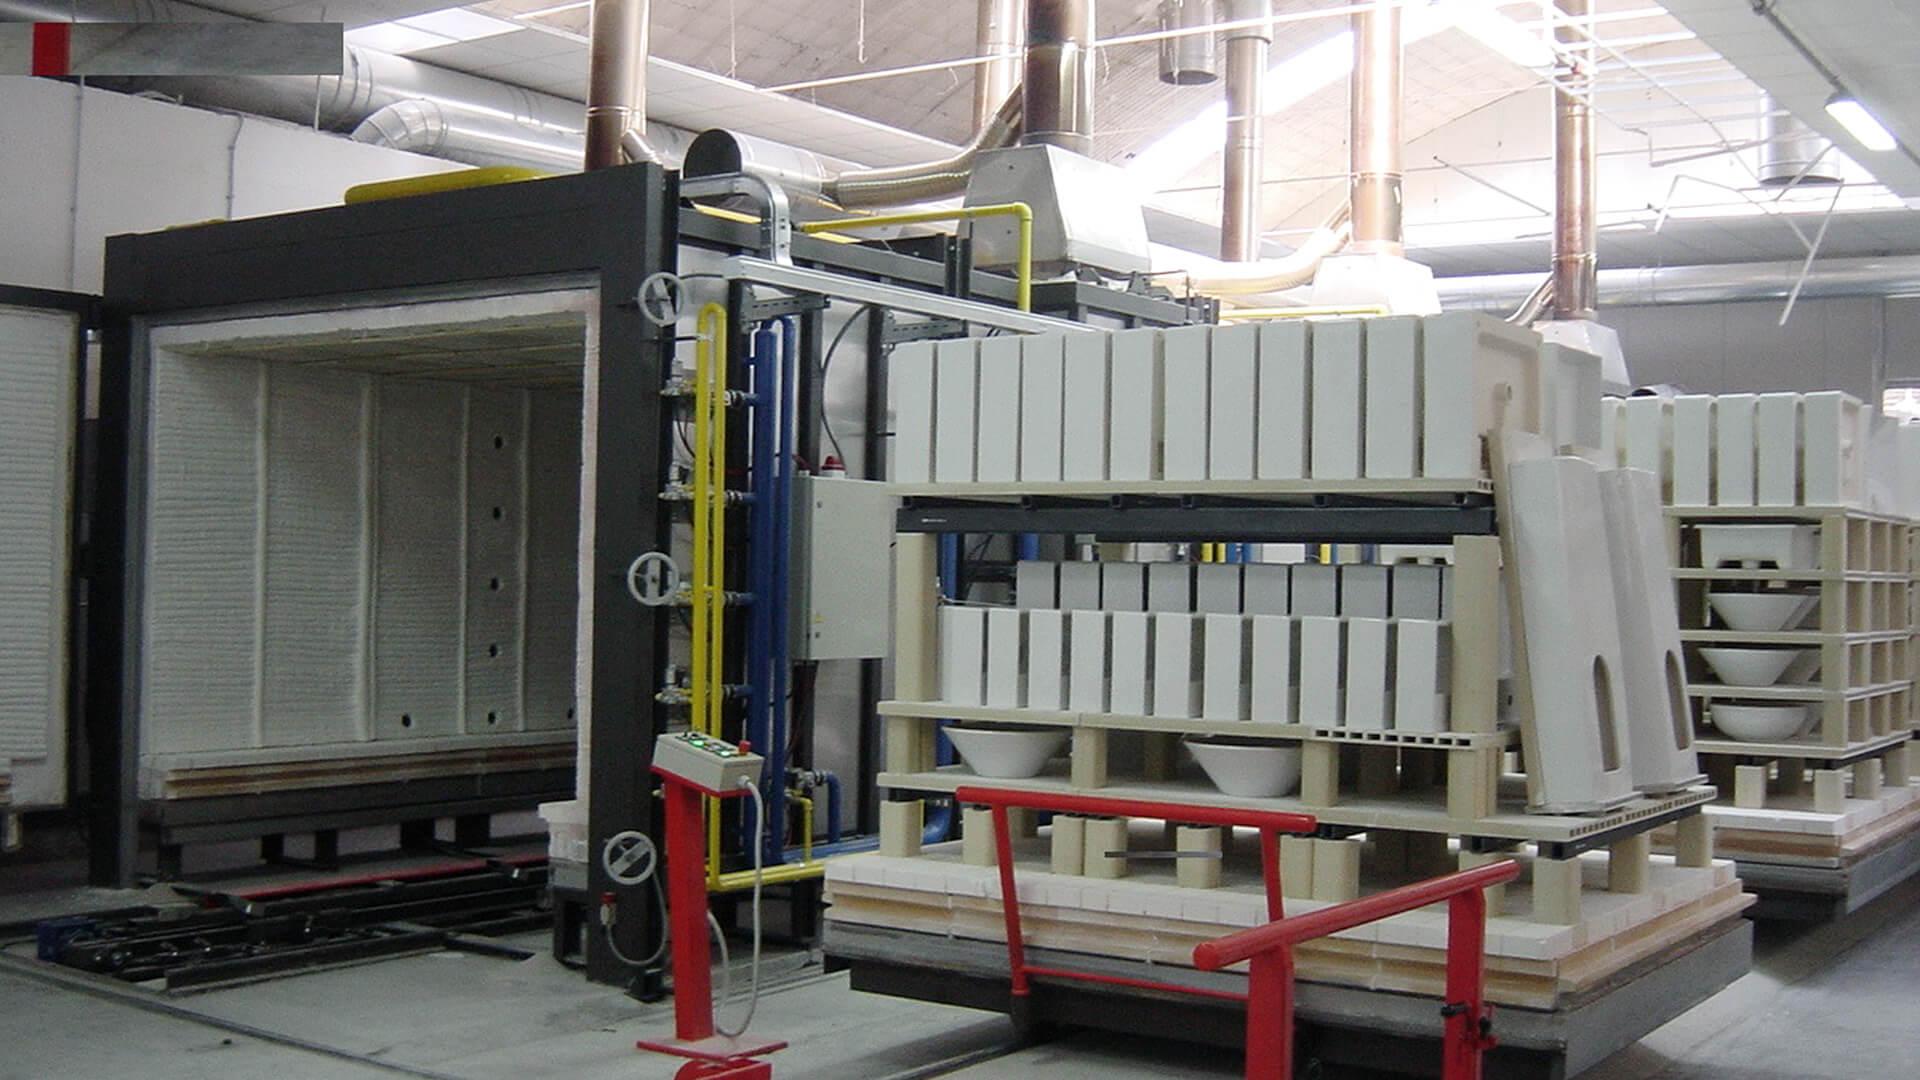 Forno industriale per Forno Mutipiano | Pagnotta Termomeccanica